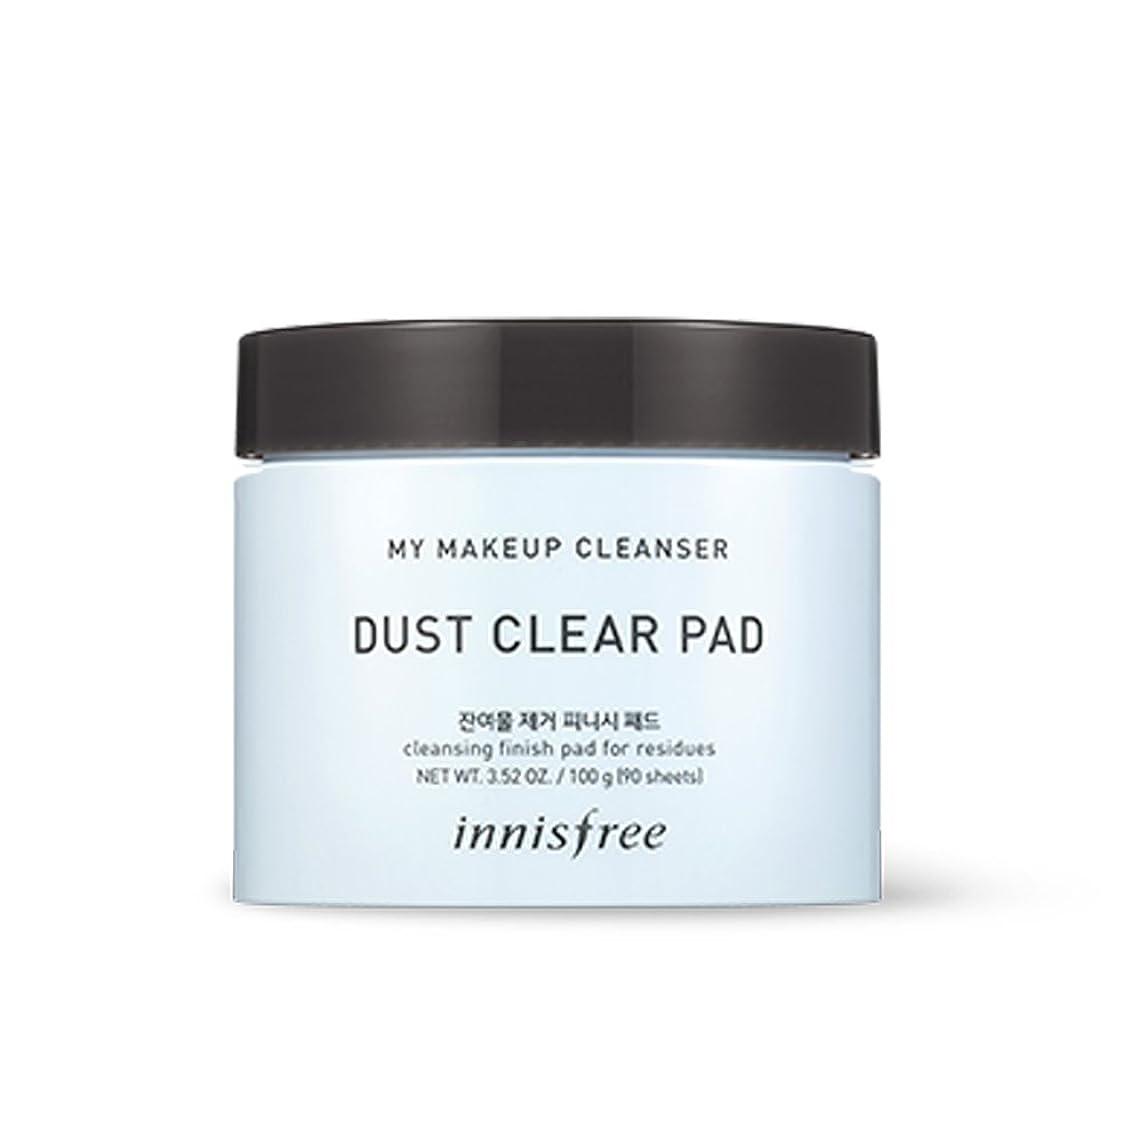 雇った肉腫アンテナイニスフリーマイメイクアップクレンザー - ダストクリアパッド90ea x 1個 Innisfree My Makeup Cleanser - Dust Clear Pad 90ea x 1pcs [海外直送品][並行輸入品]